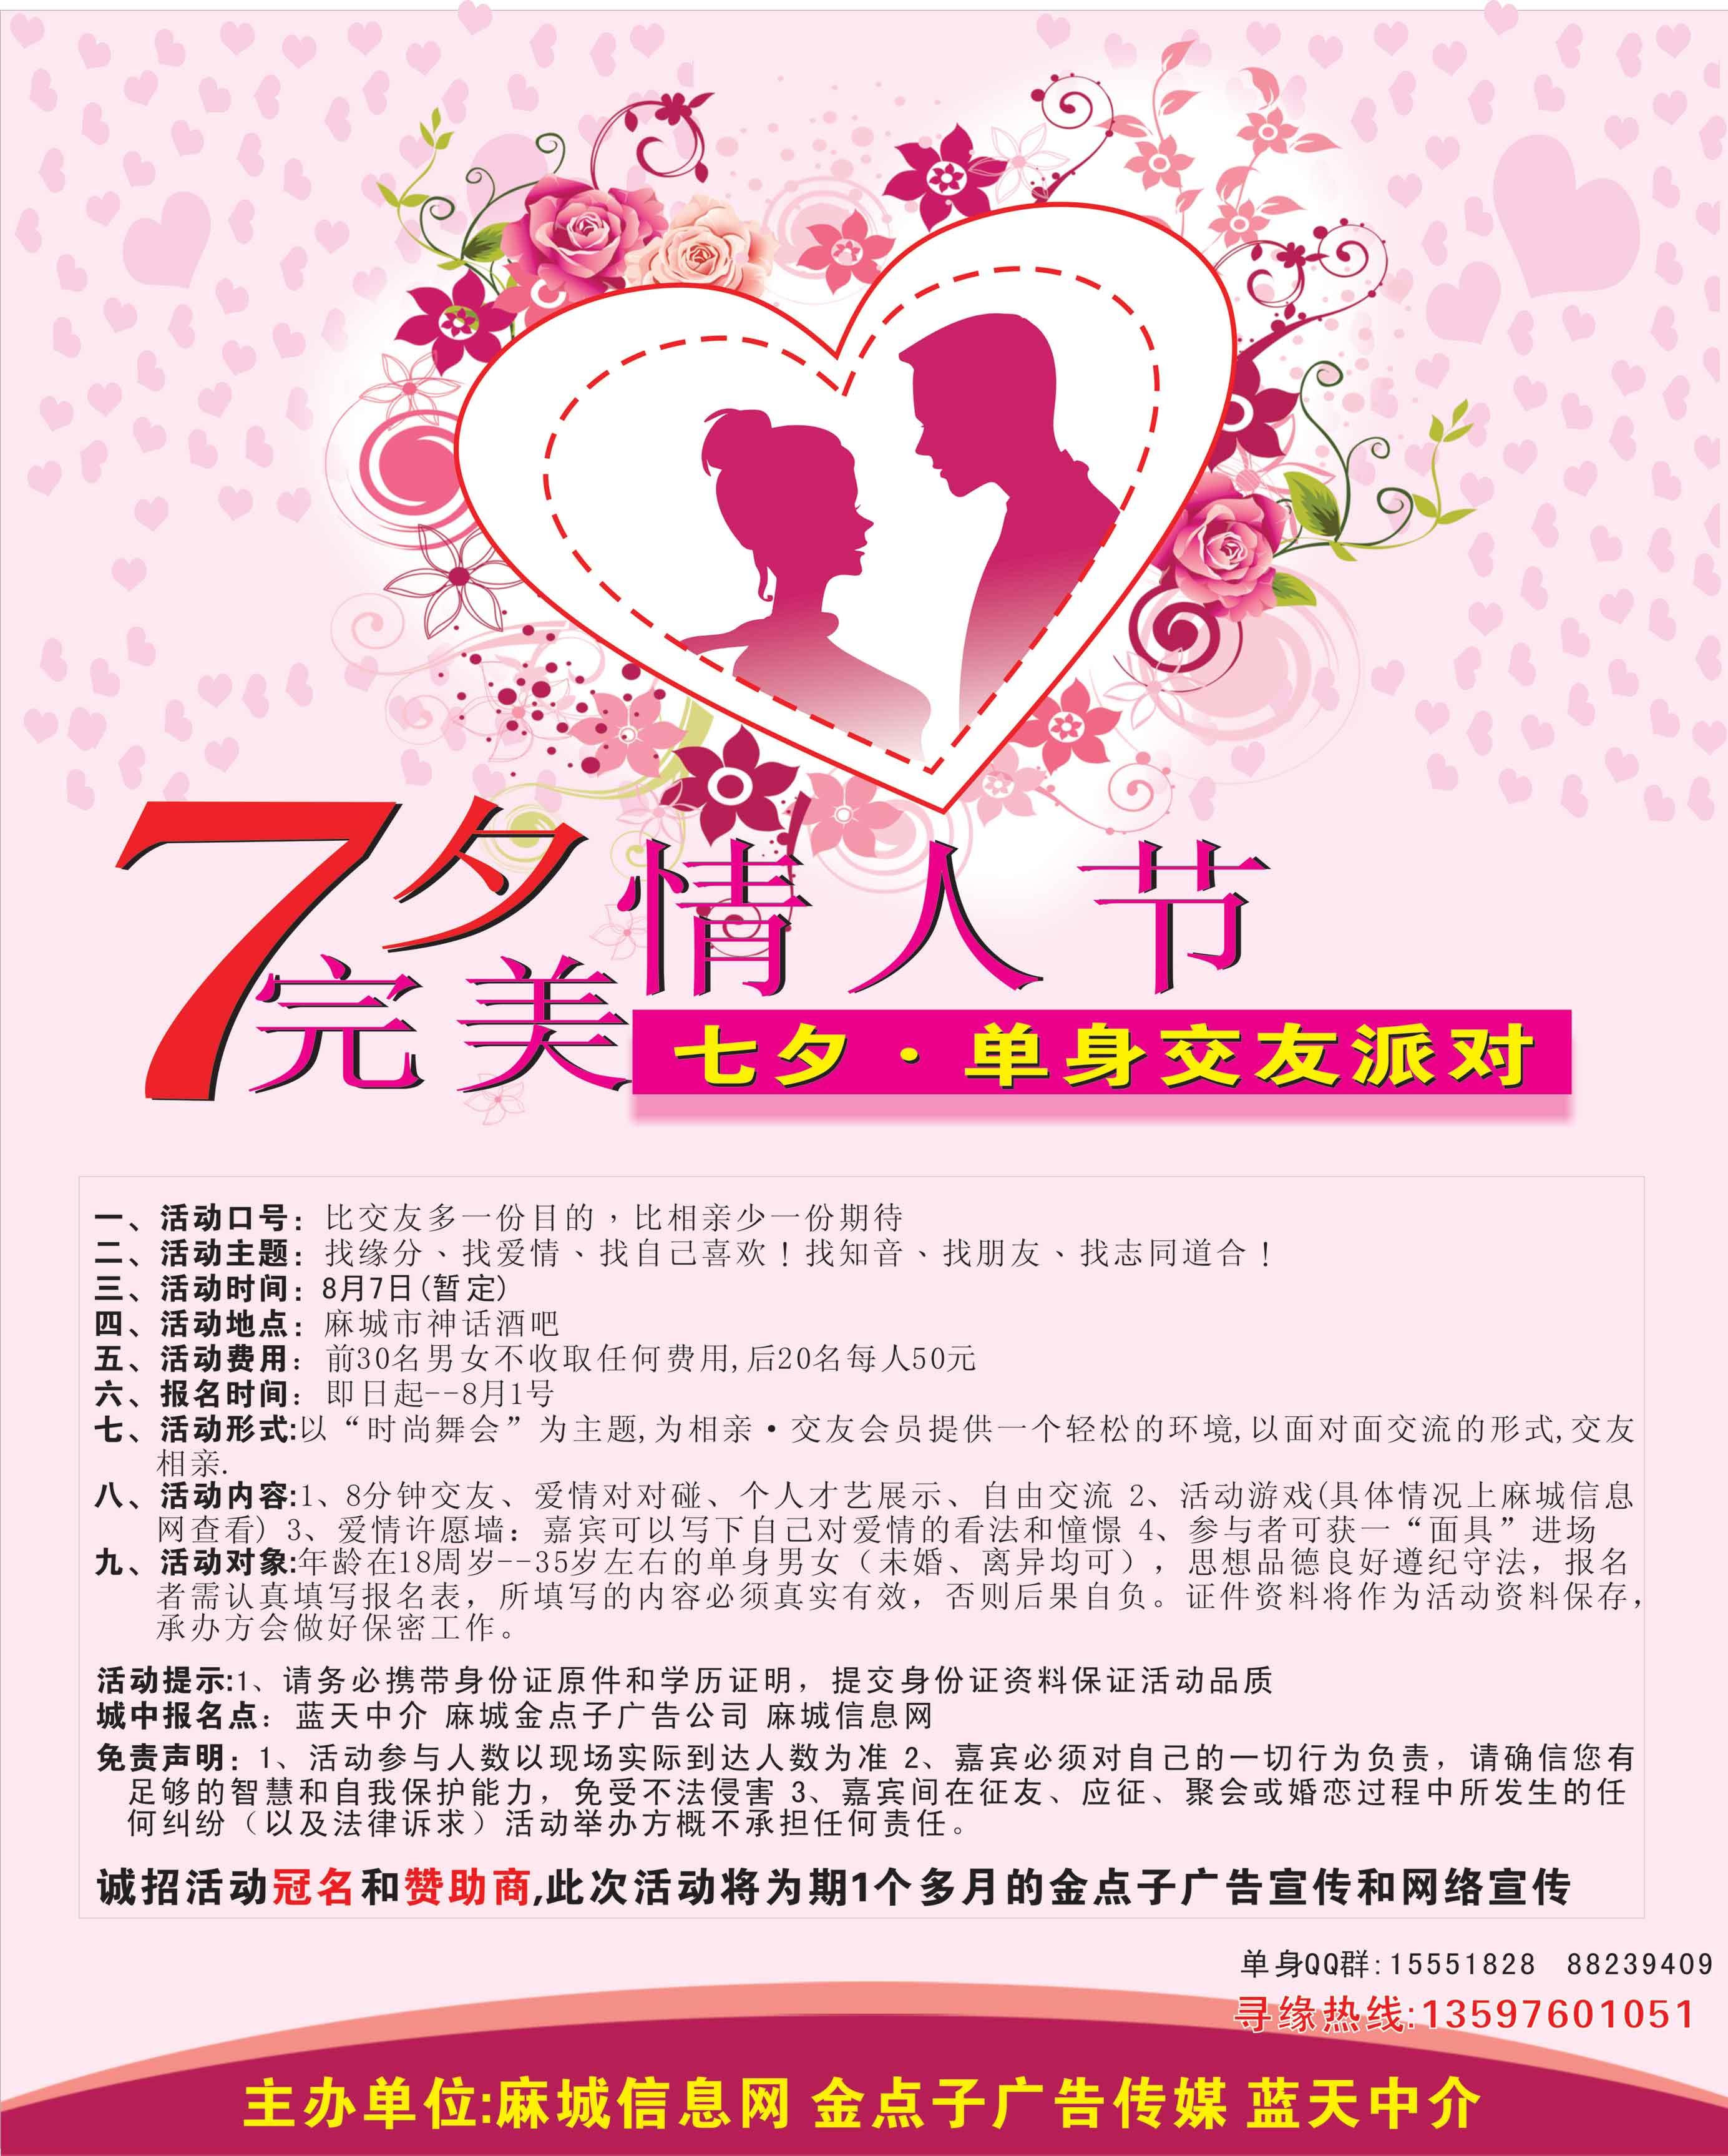 2011年麻城七夕相亲·交友单身派对